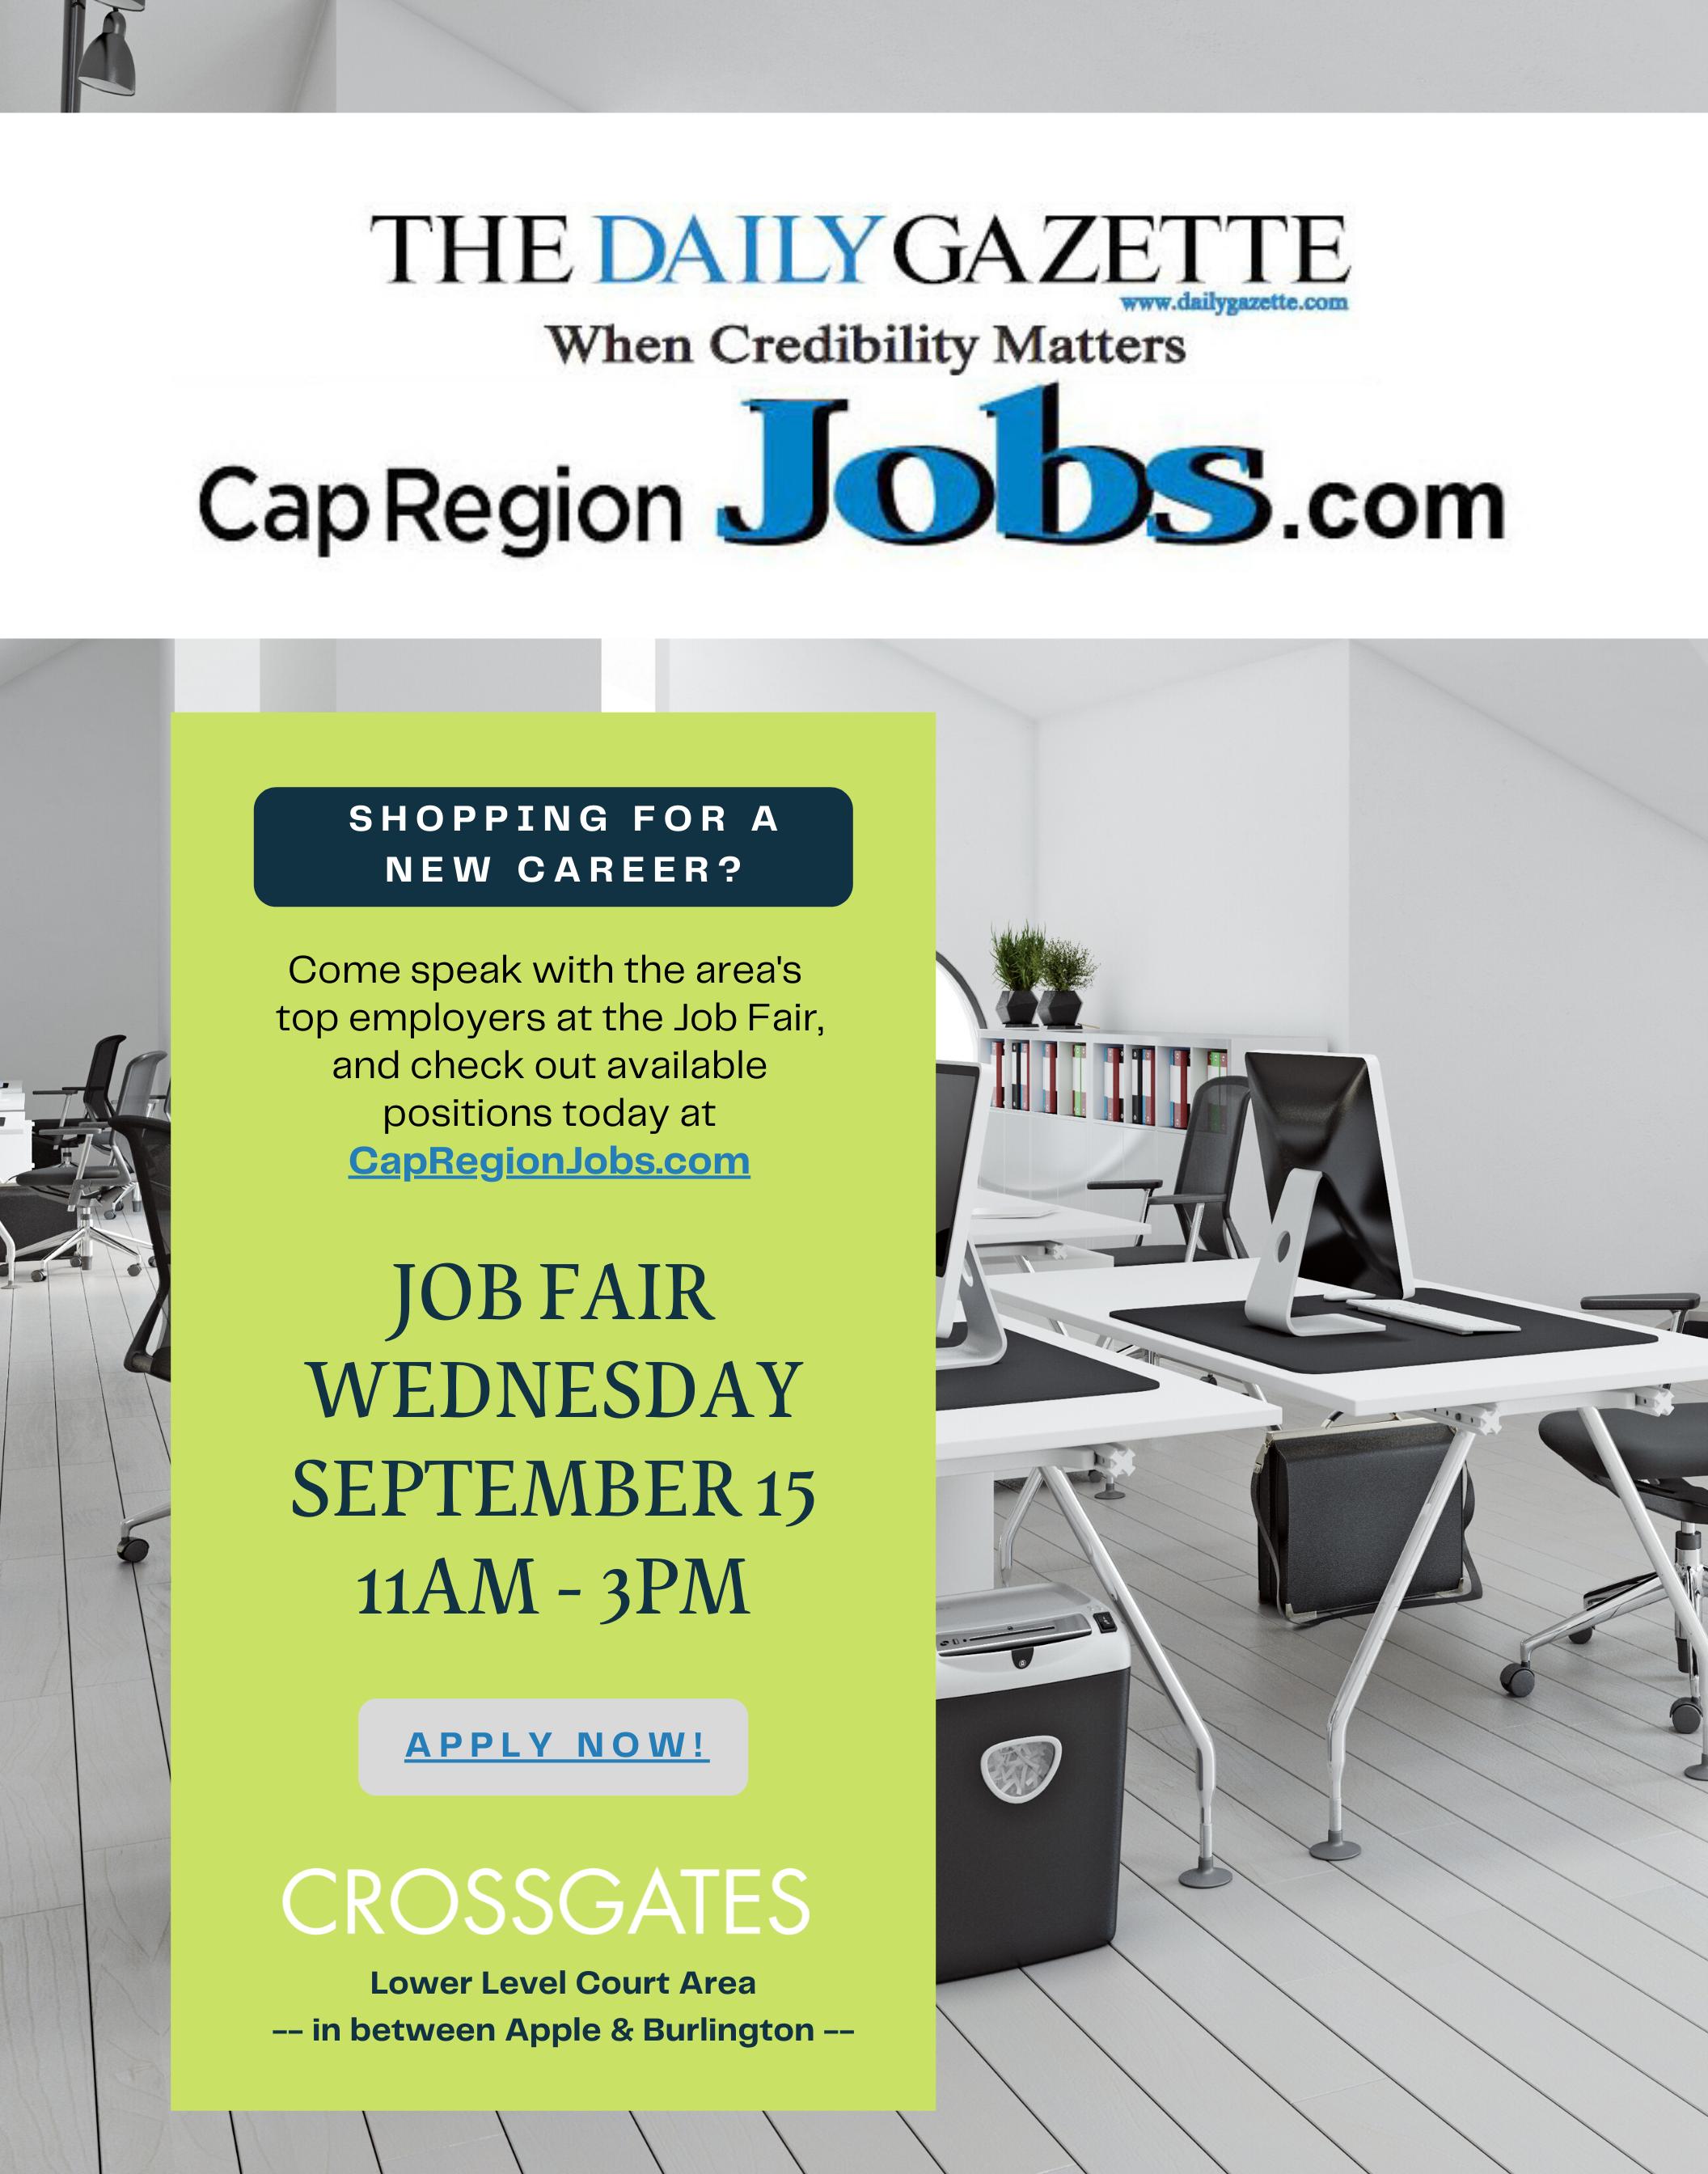 Daily Gazette Job Fair 9.15.21 22x28